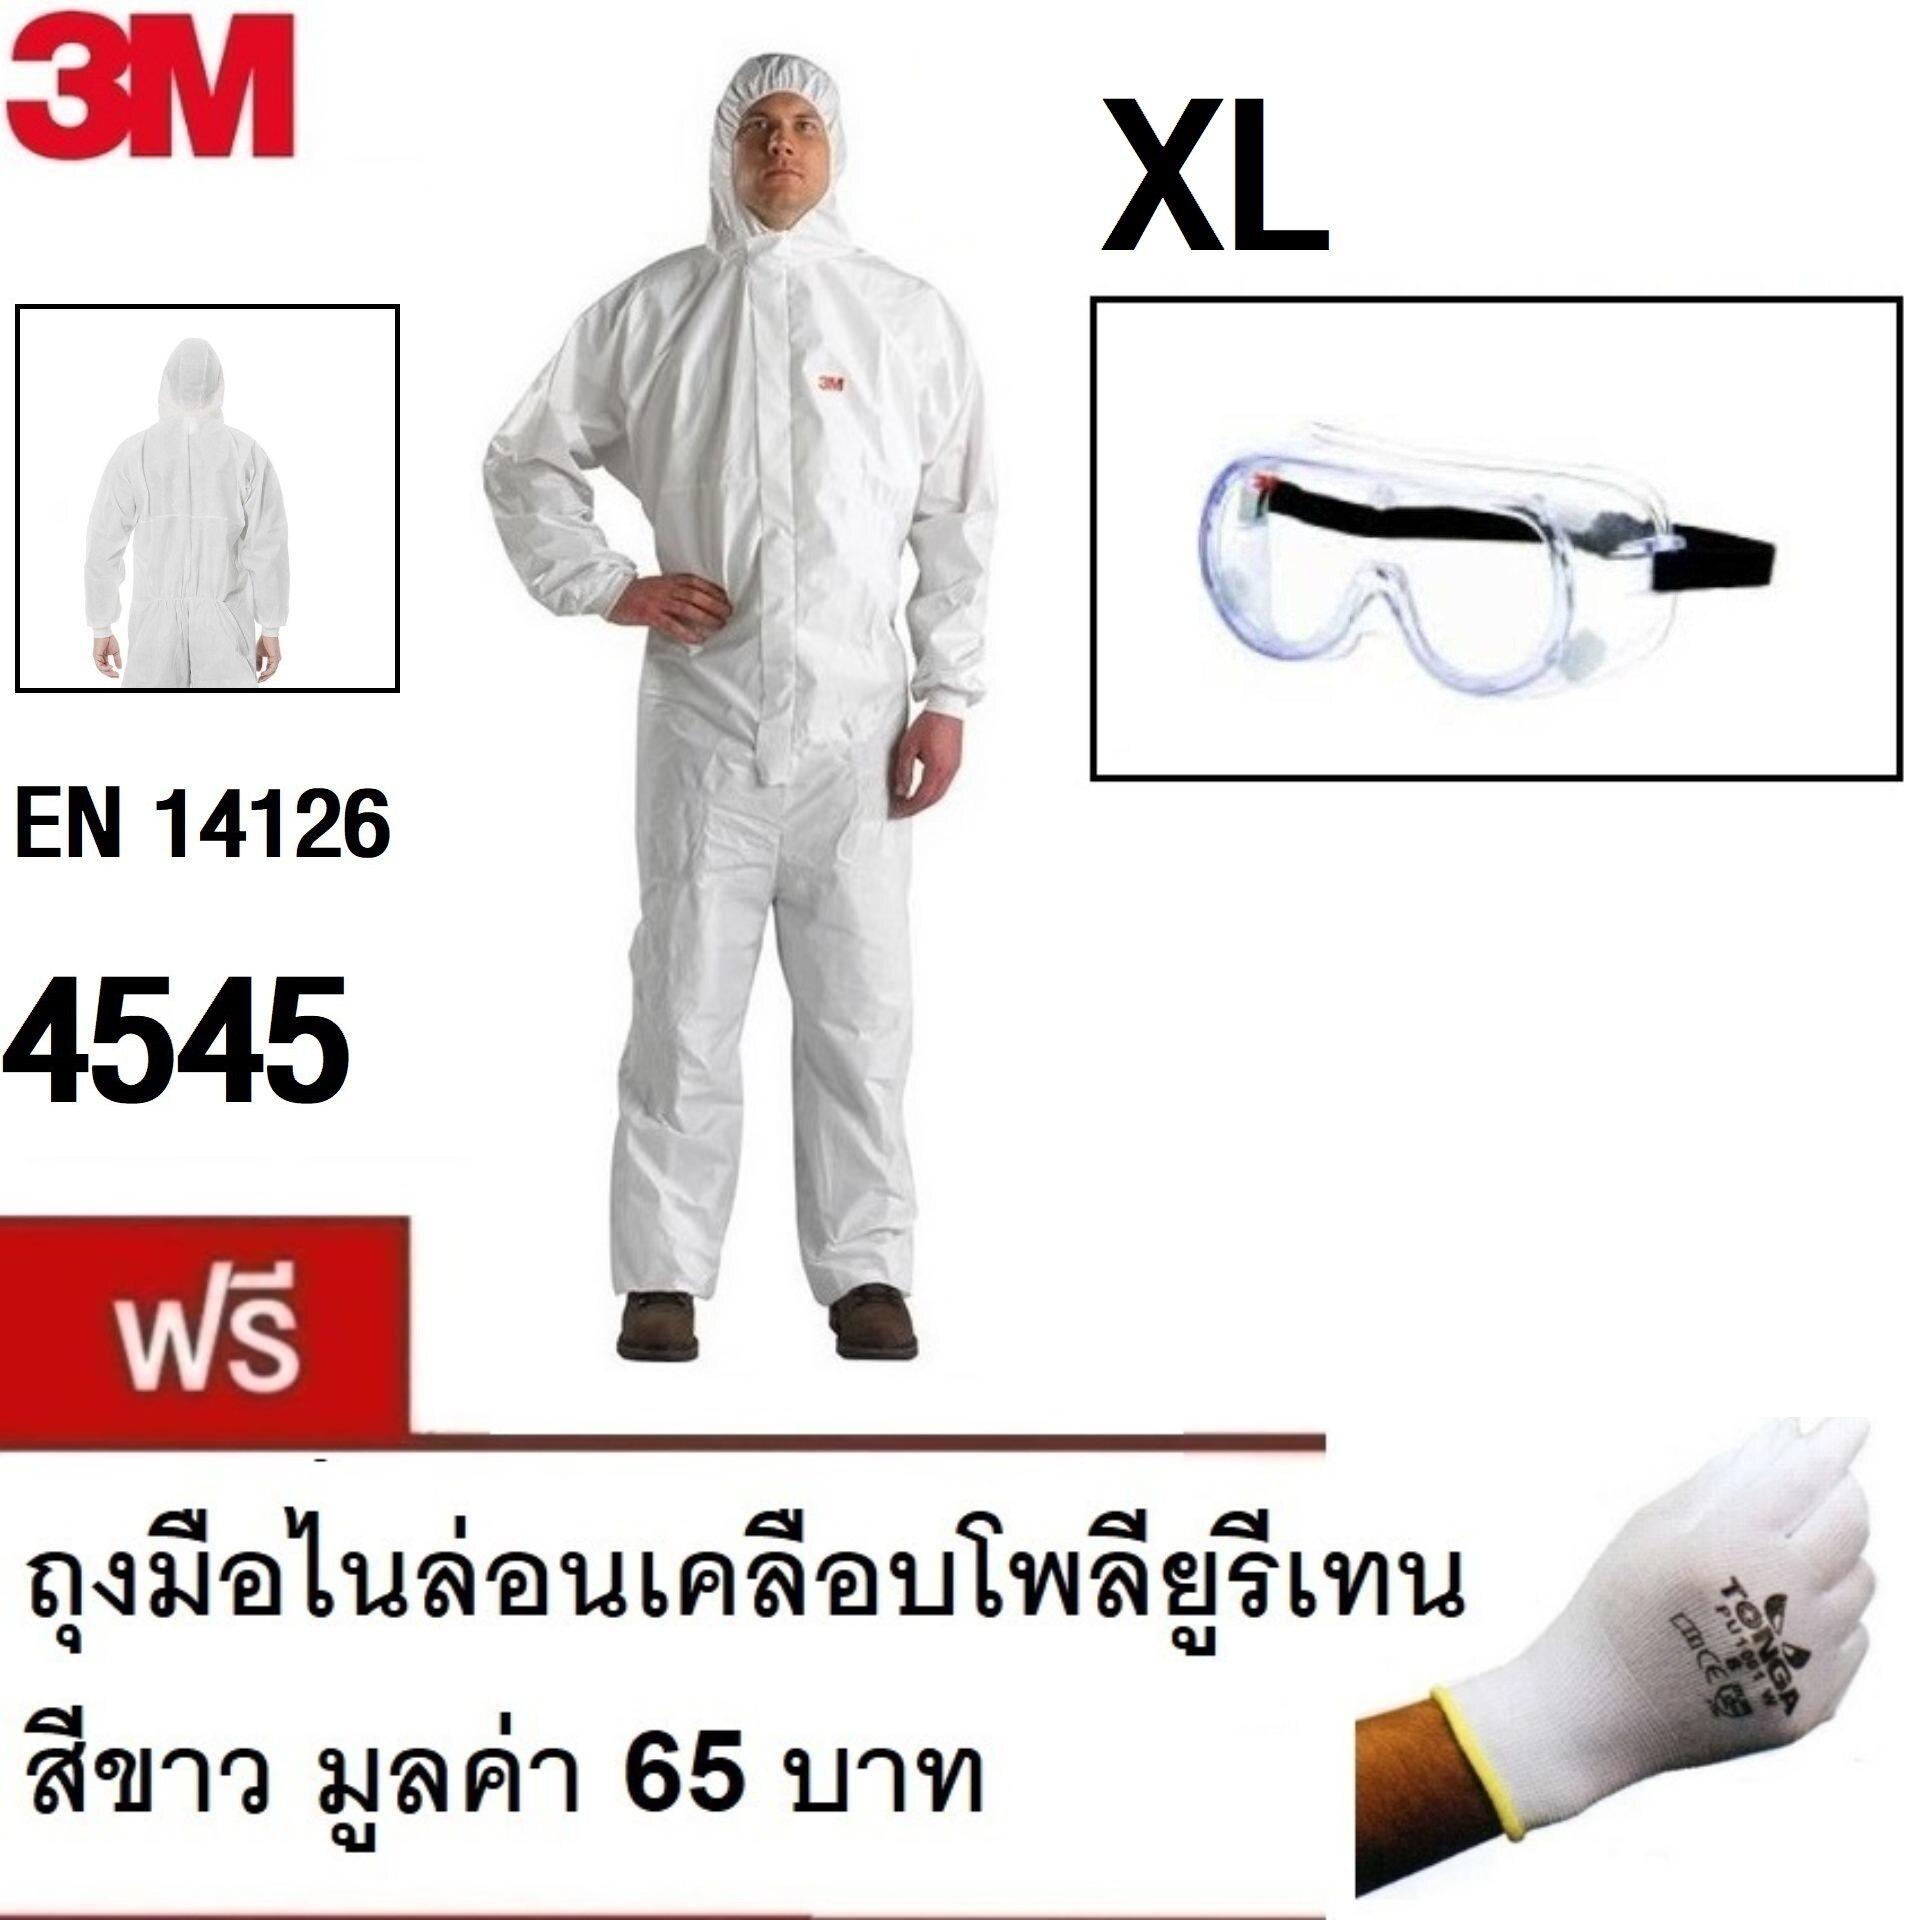 3M 1621 แว่นครอบตานิรภัย +4545 Coverall ชุดป้องกันสารเคมีและฝุ่นละออง พร้อมช่องระบายอากาศ